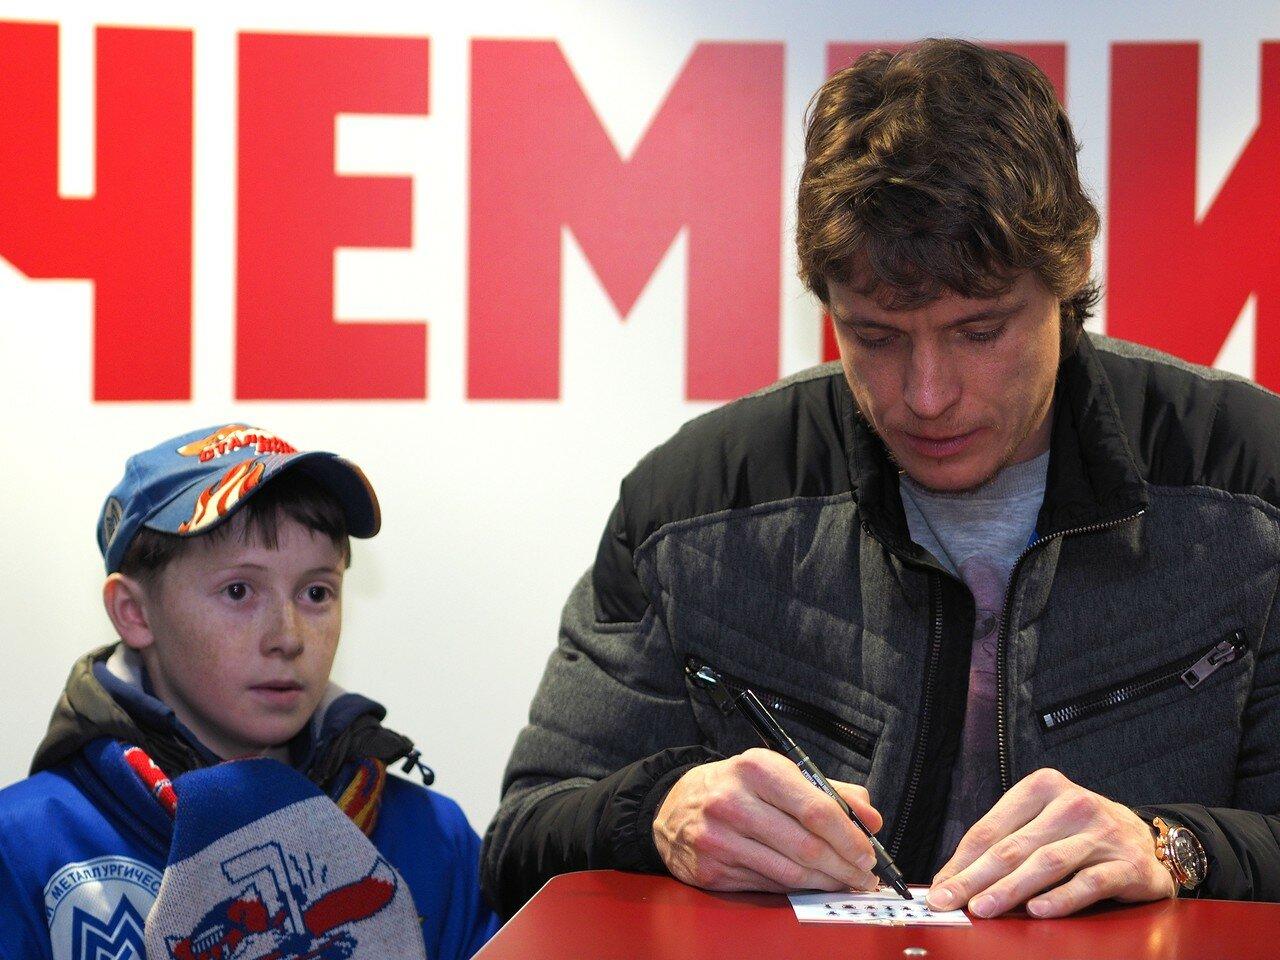 132Металлург - Динамо Москва 28.12.2015